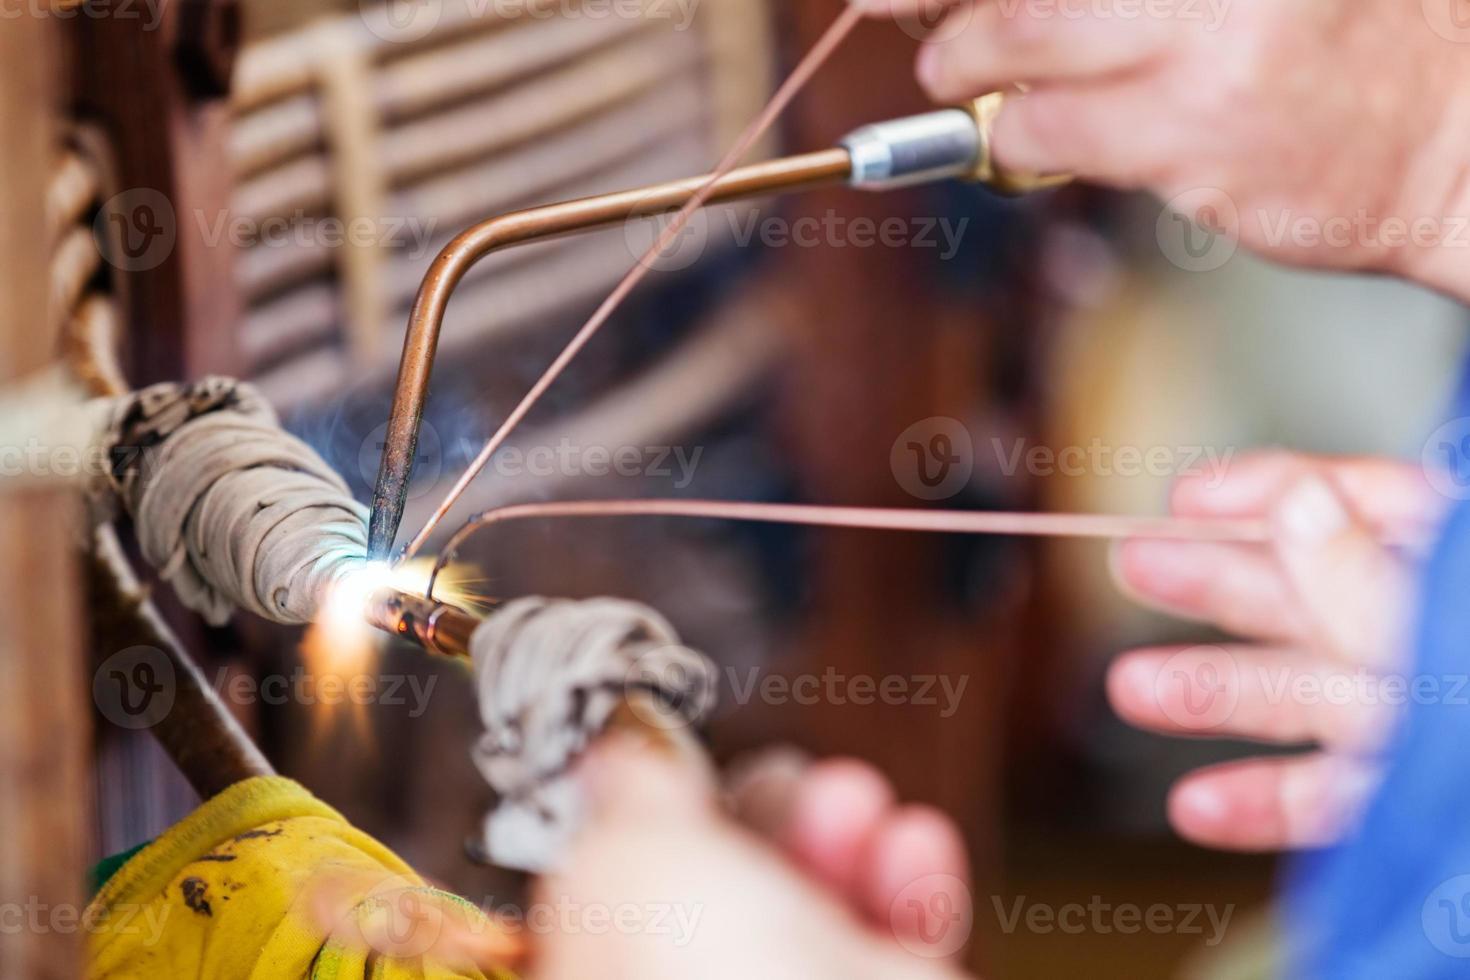 réparation du transformateur haute tension photo